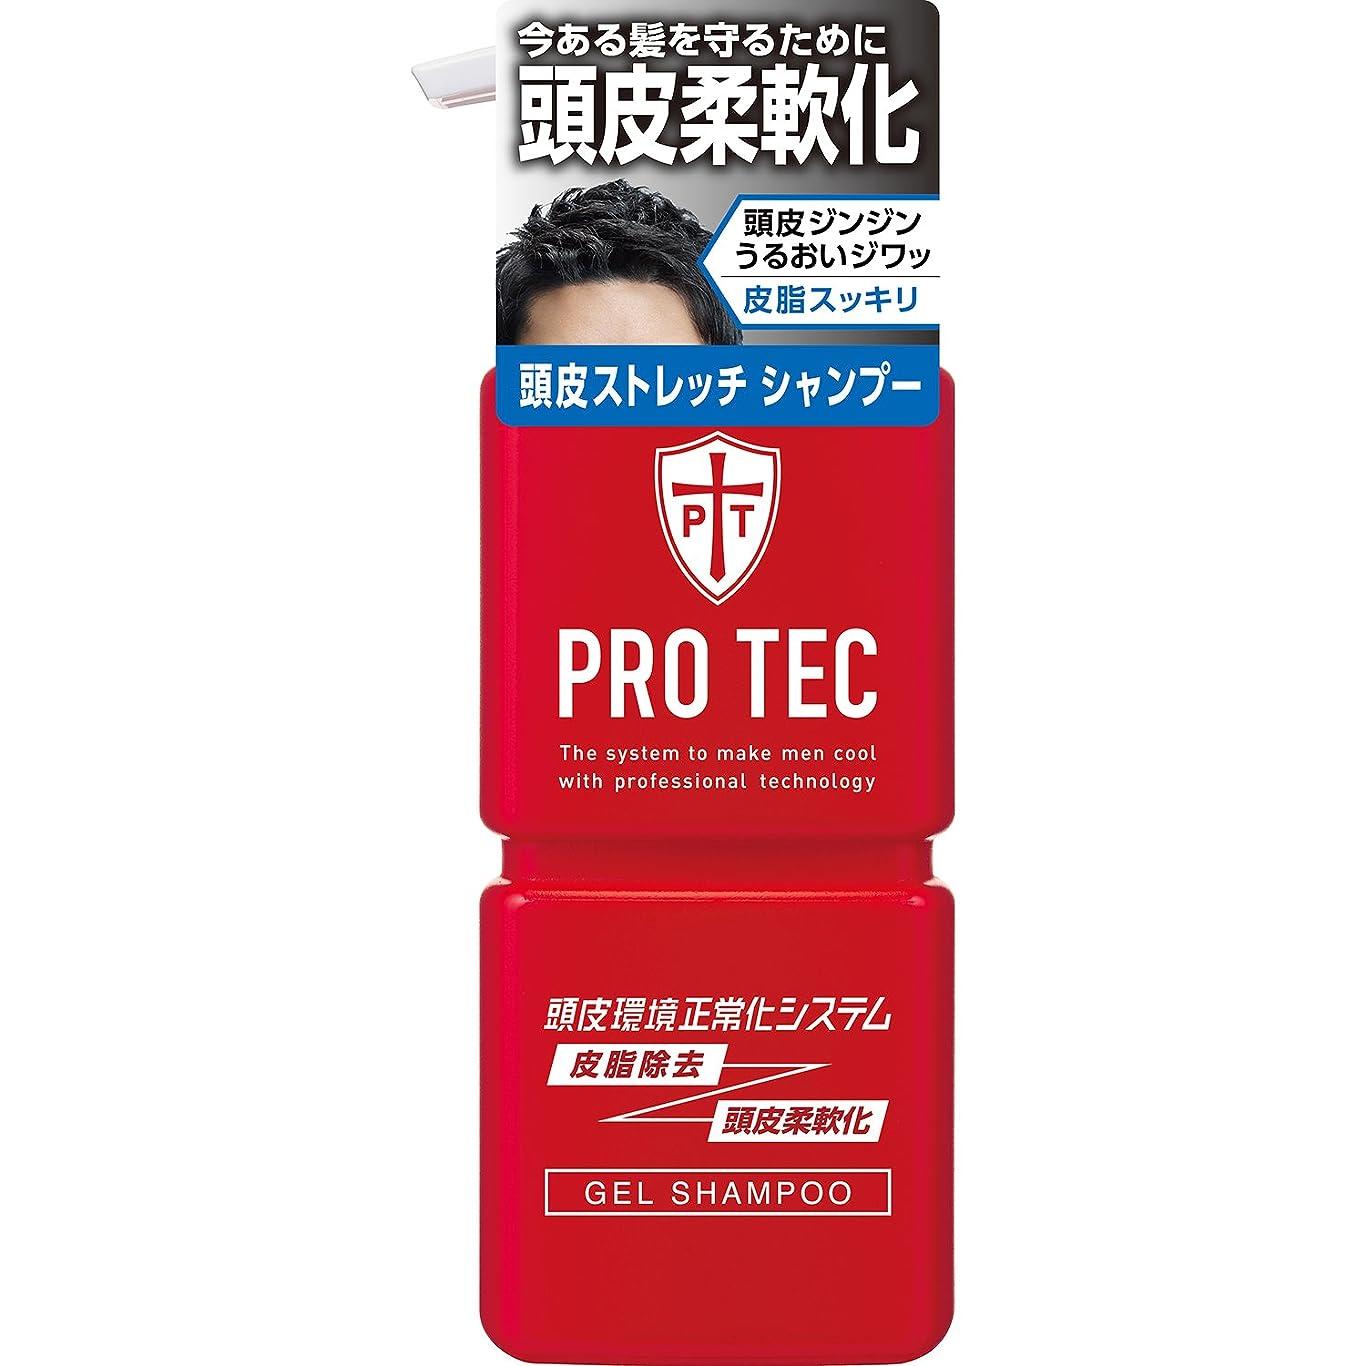 ポテト青写真応答PRO TEC(プロテク) 頭皮ストレッチ シャンプー 本体ポンプ 300g(医薬部外品)